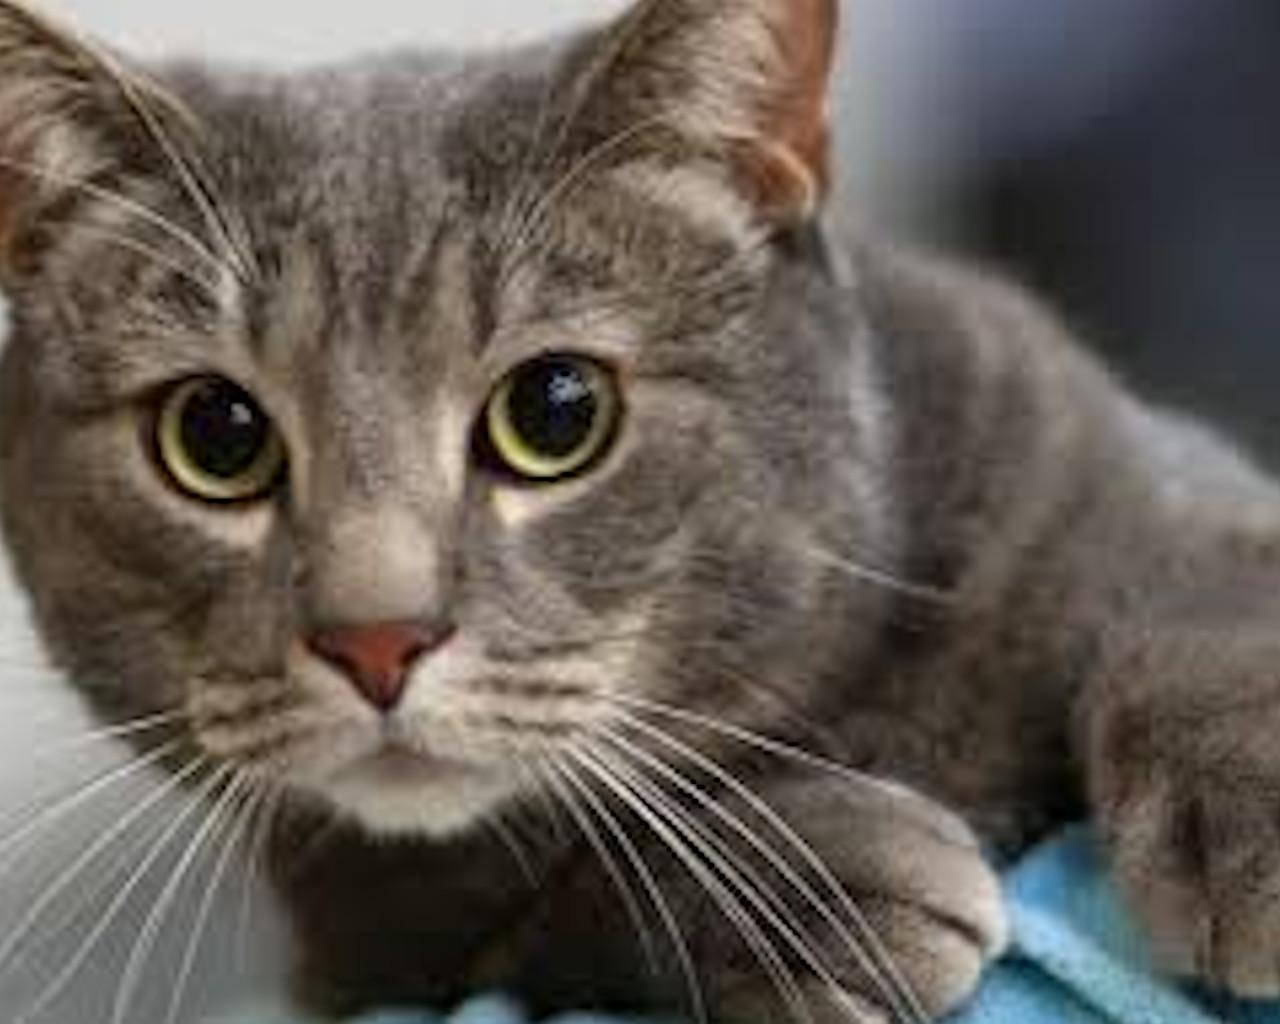 γατες,γατα,γατακι,γατα χωρισ τριχωμα,γατακια,γατα ονειροκριτησ,γατα περσιασ,γατα βεγγαλησ,γατα σιαμ,γατα αγκυρασ